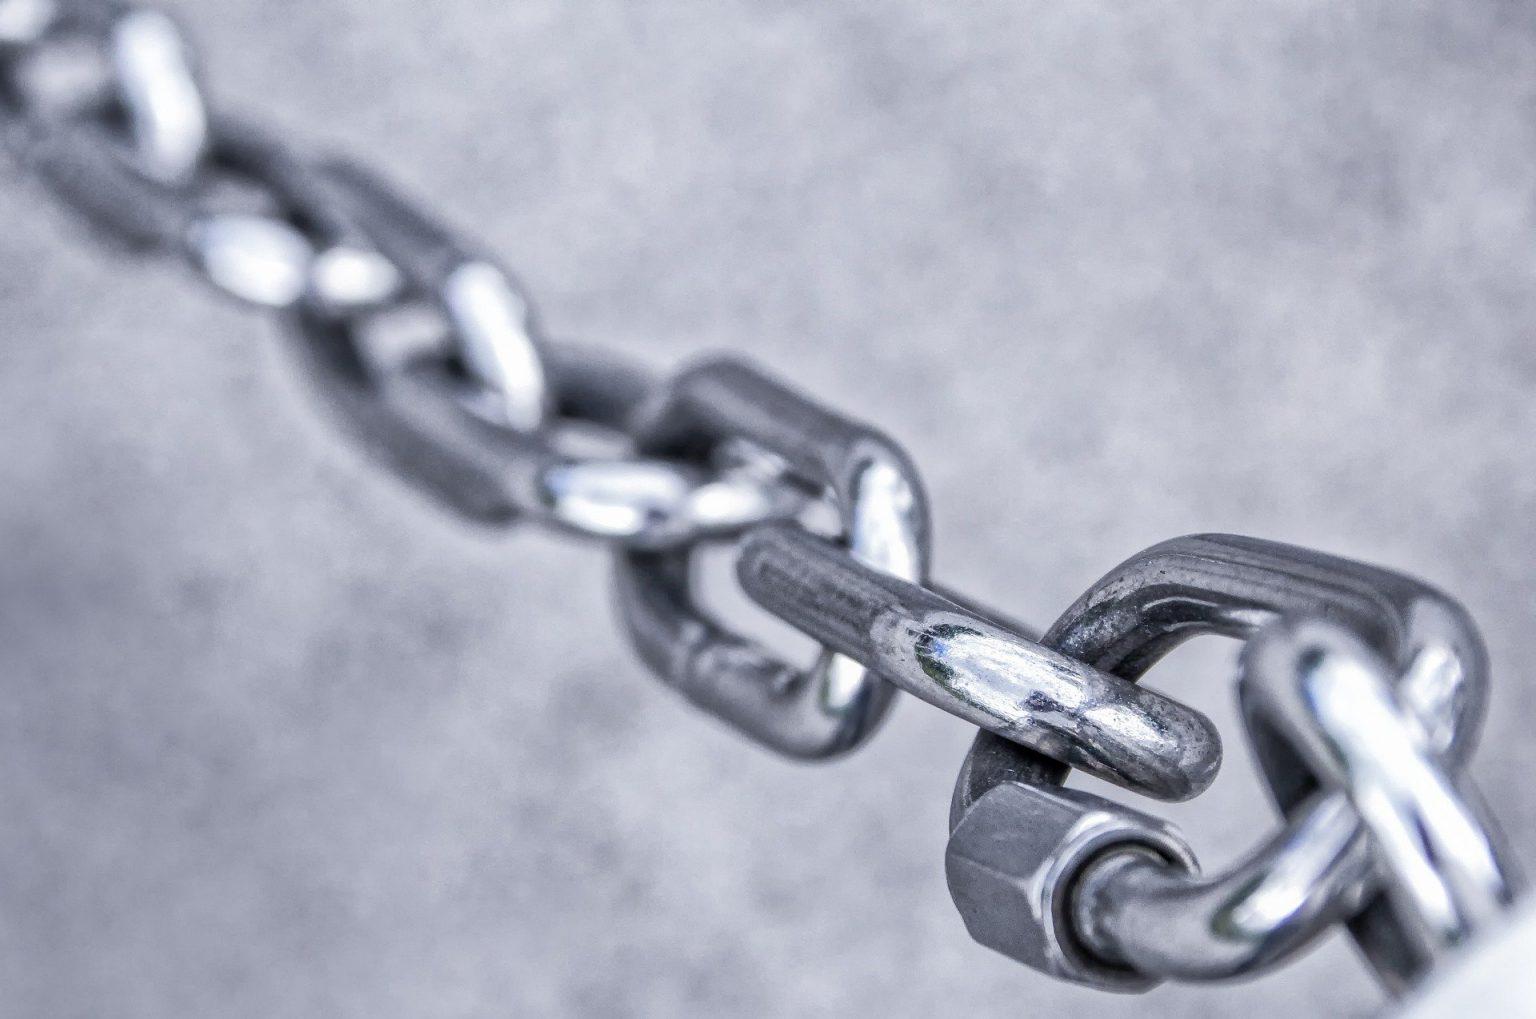 chain-3481377_1920-1536x1019